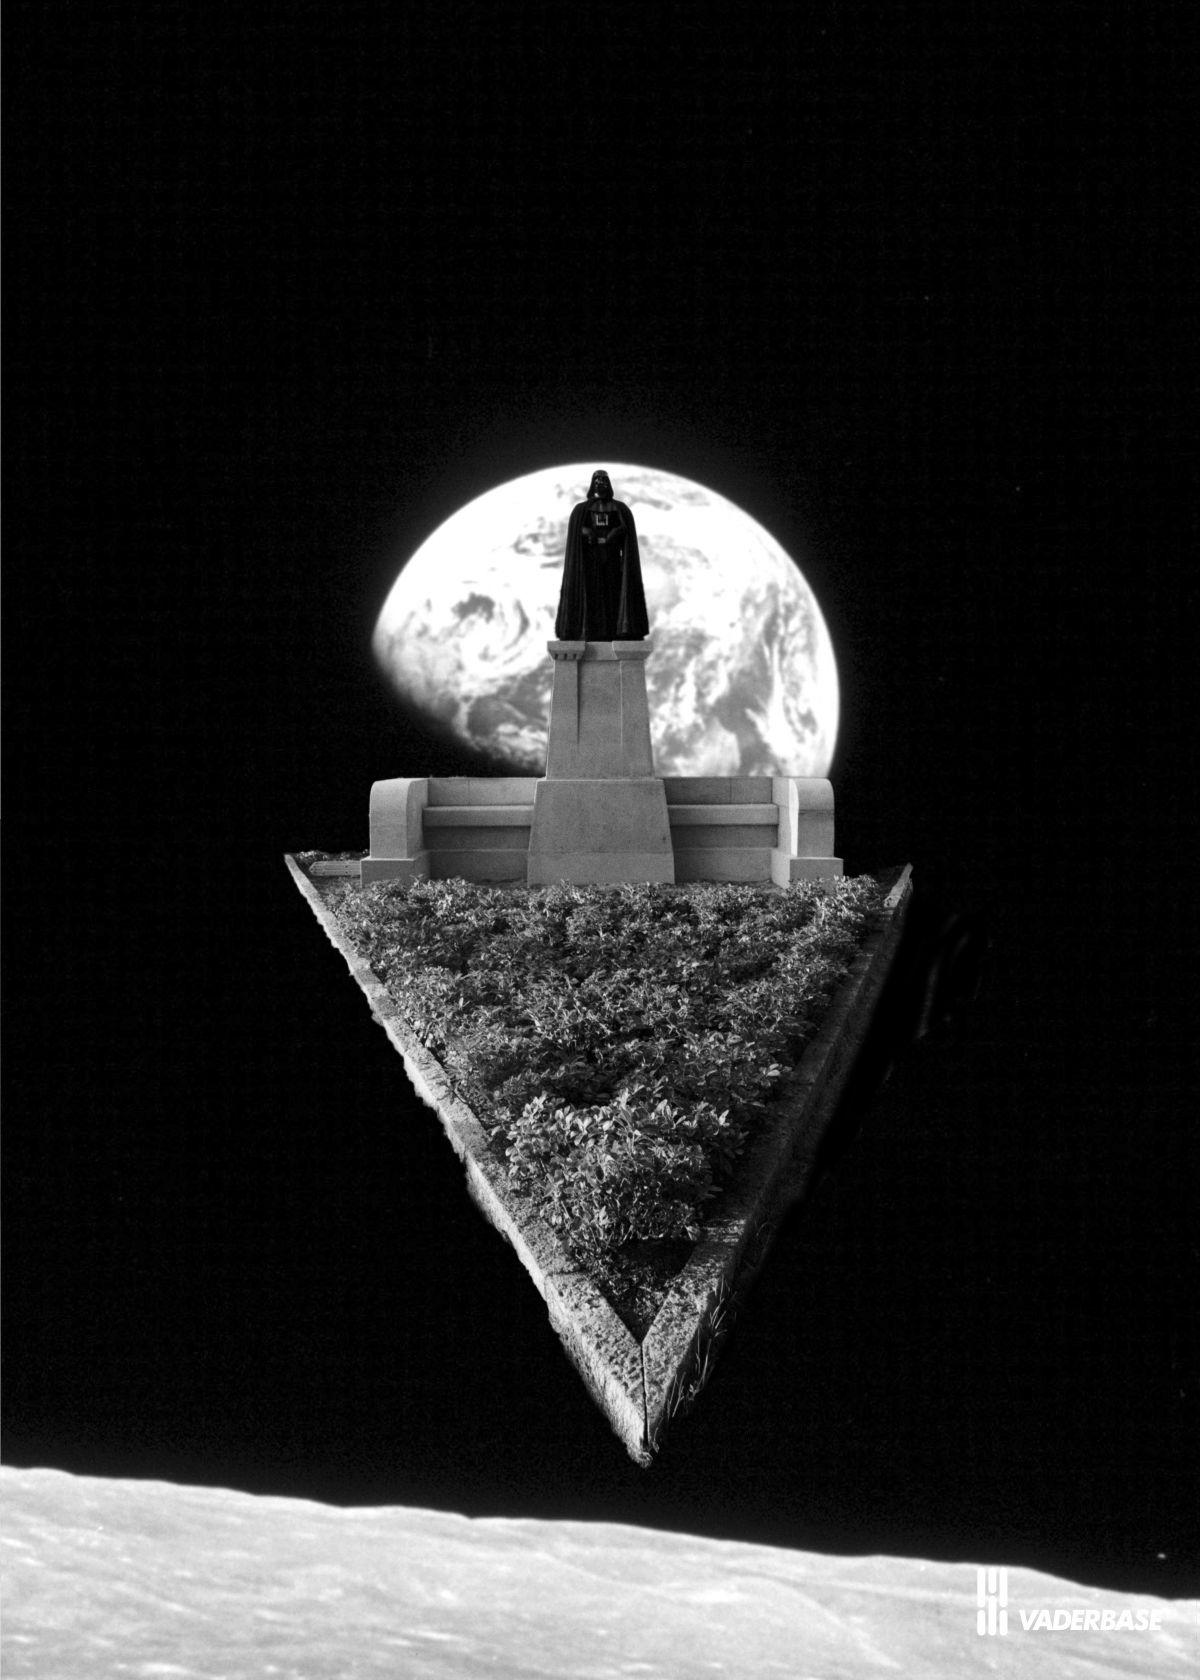 vader_monument_pedestal_4.jpg